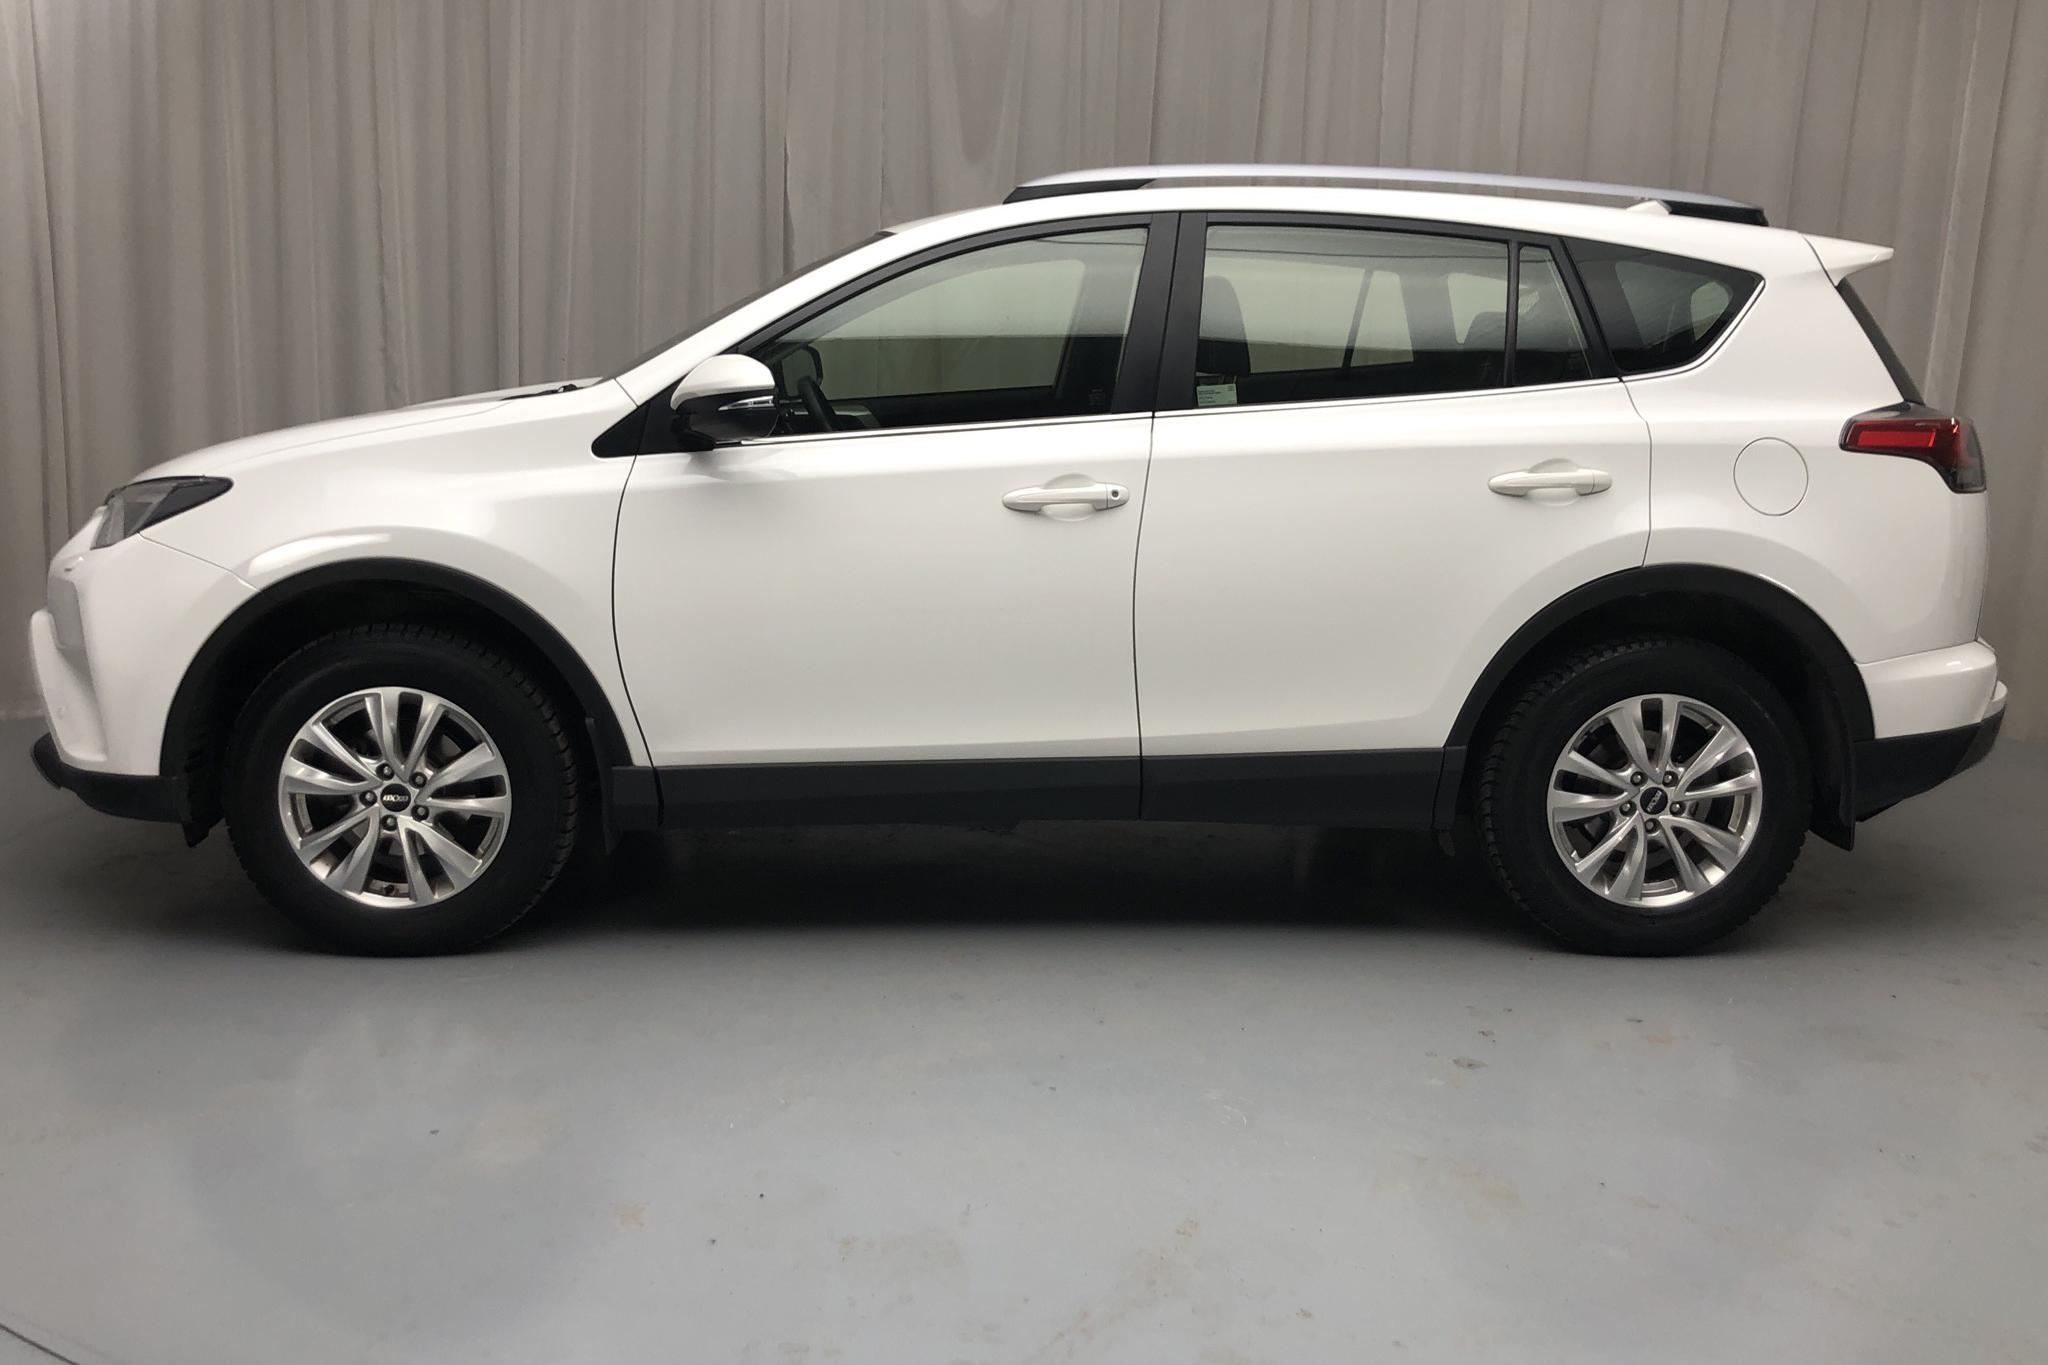 Toyota RAV4 2.0 VVT-i AWD (151hk) - 124 120 km - Automatic - white - 2018